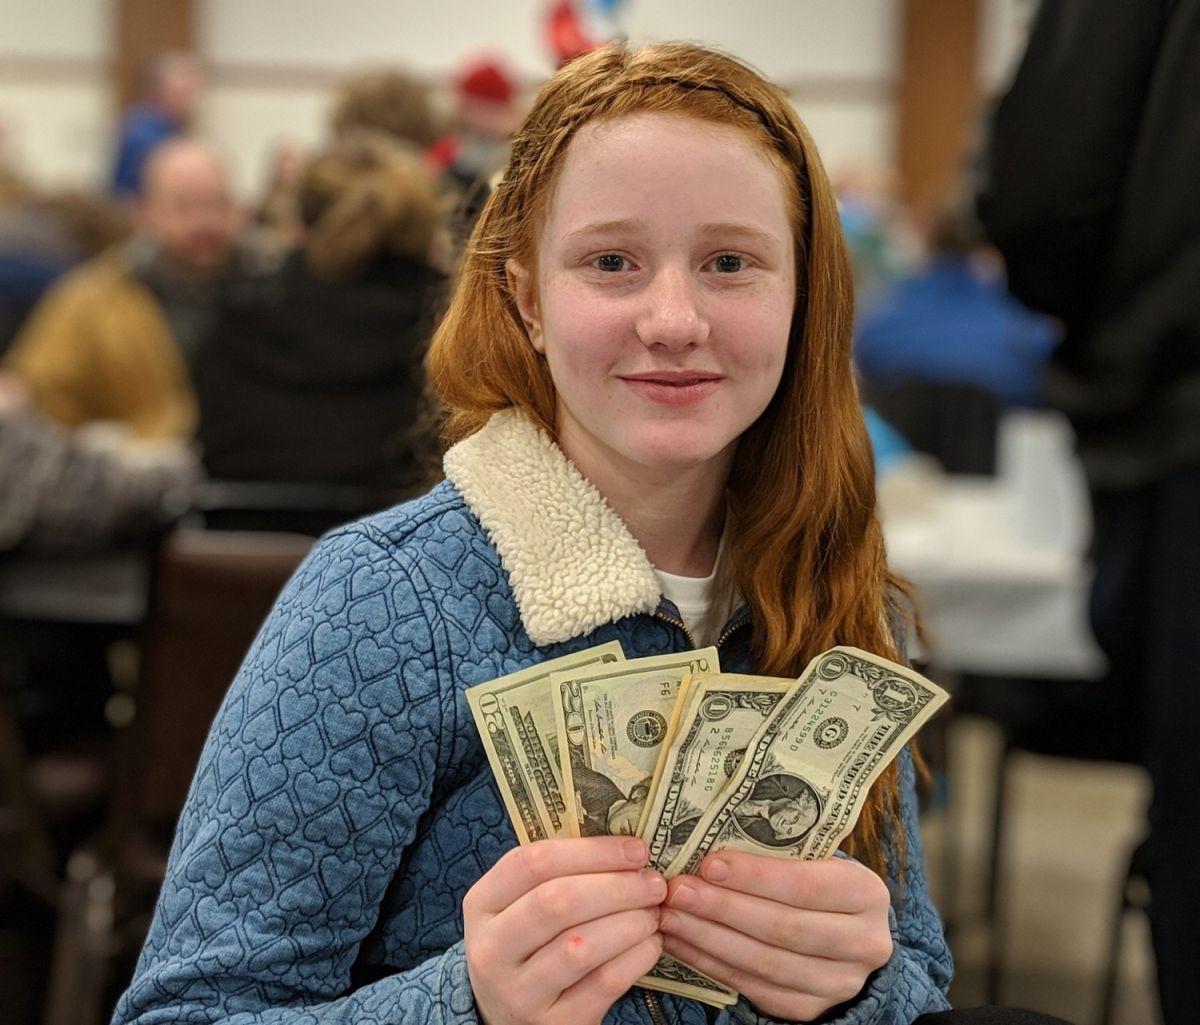 Cuáles son las mejores cuentas bancarias de cheques para abrir una a tu hijo adolescente